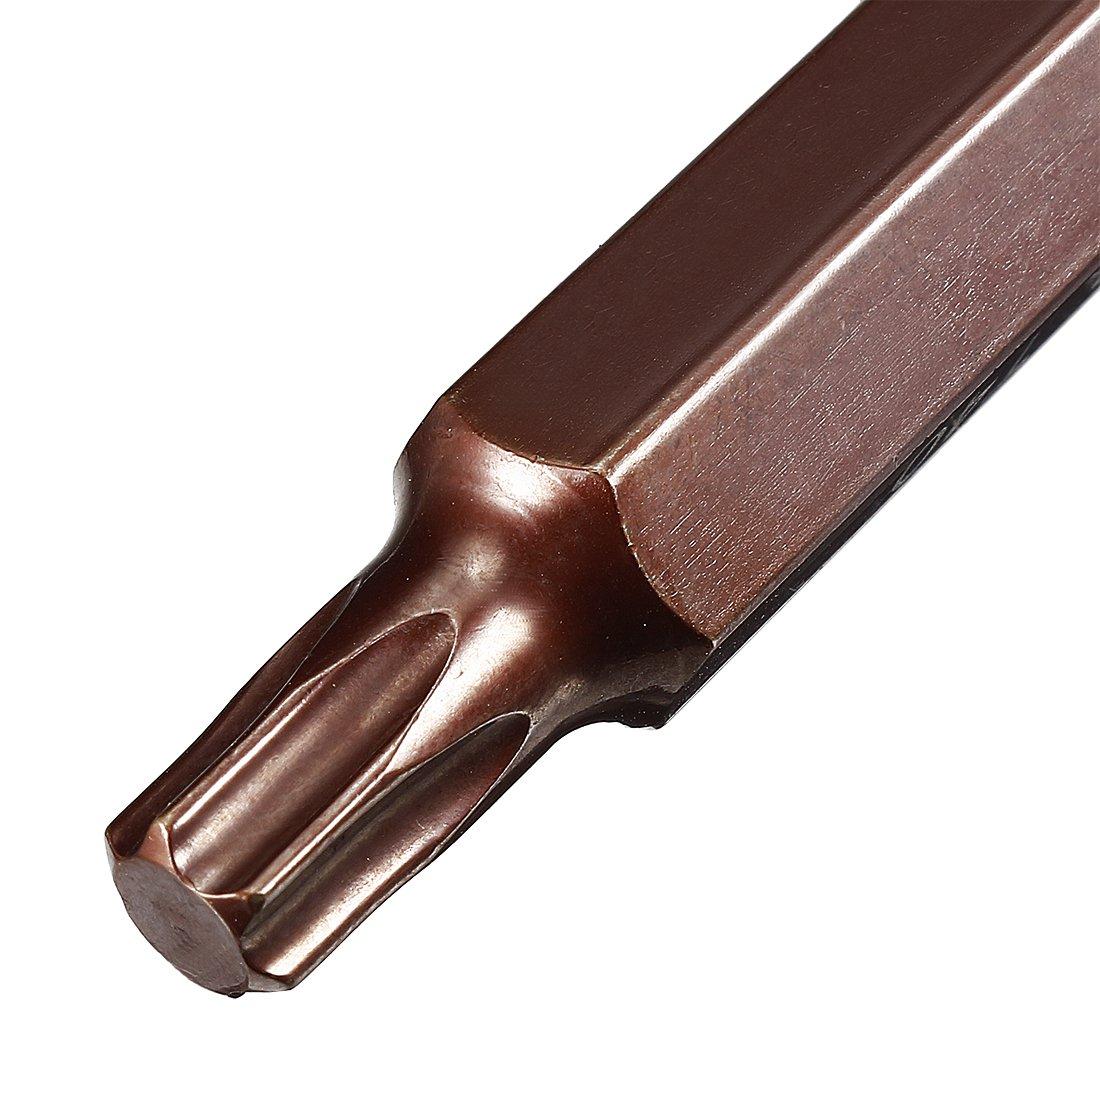 S2 Steel uxcell 2Pcs 1//4-Inch Drive T10 Torx Bit Socket